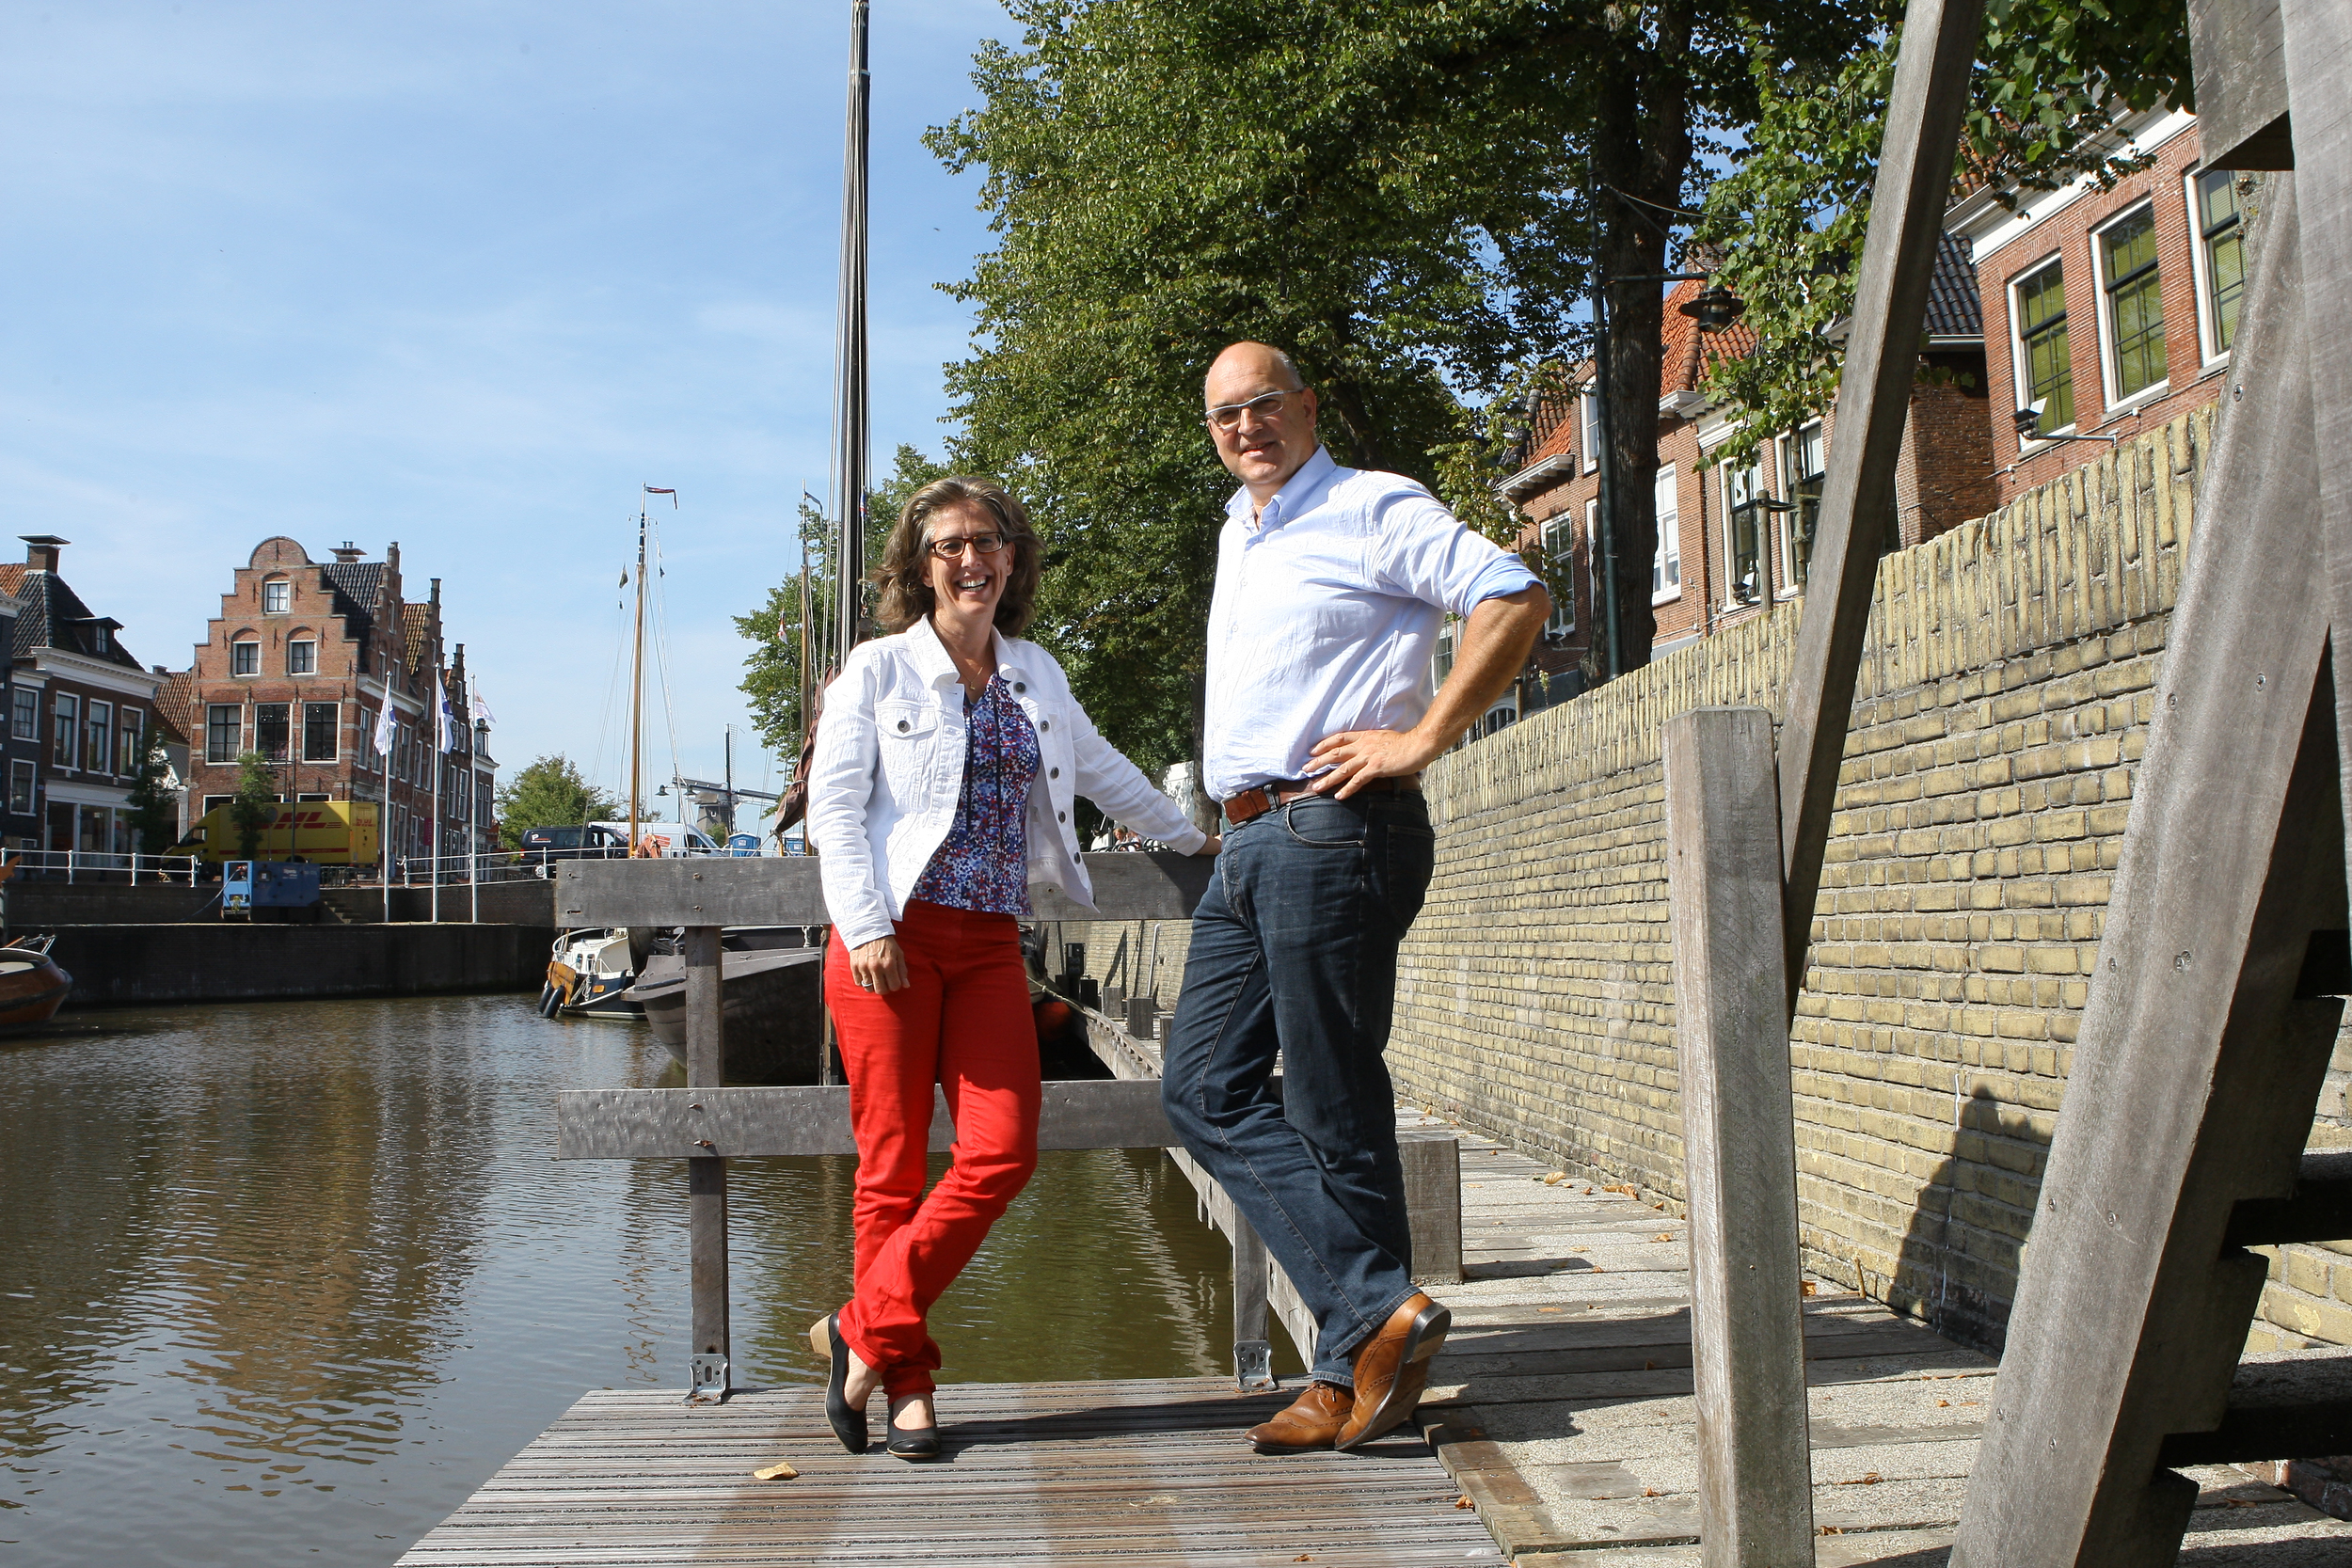 Samenwerking met Theo de Bruin bij de Organisatie Marketing en Gastheerschap in Noordoost Fryslân